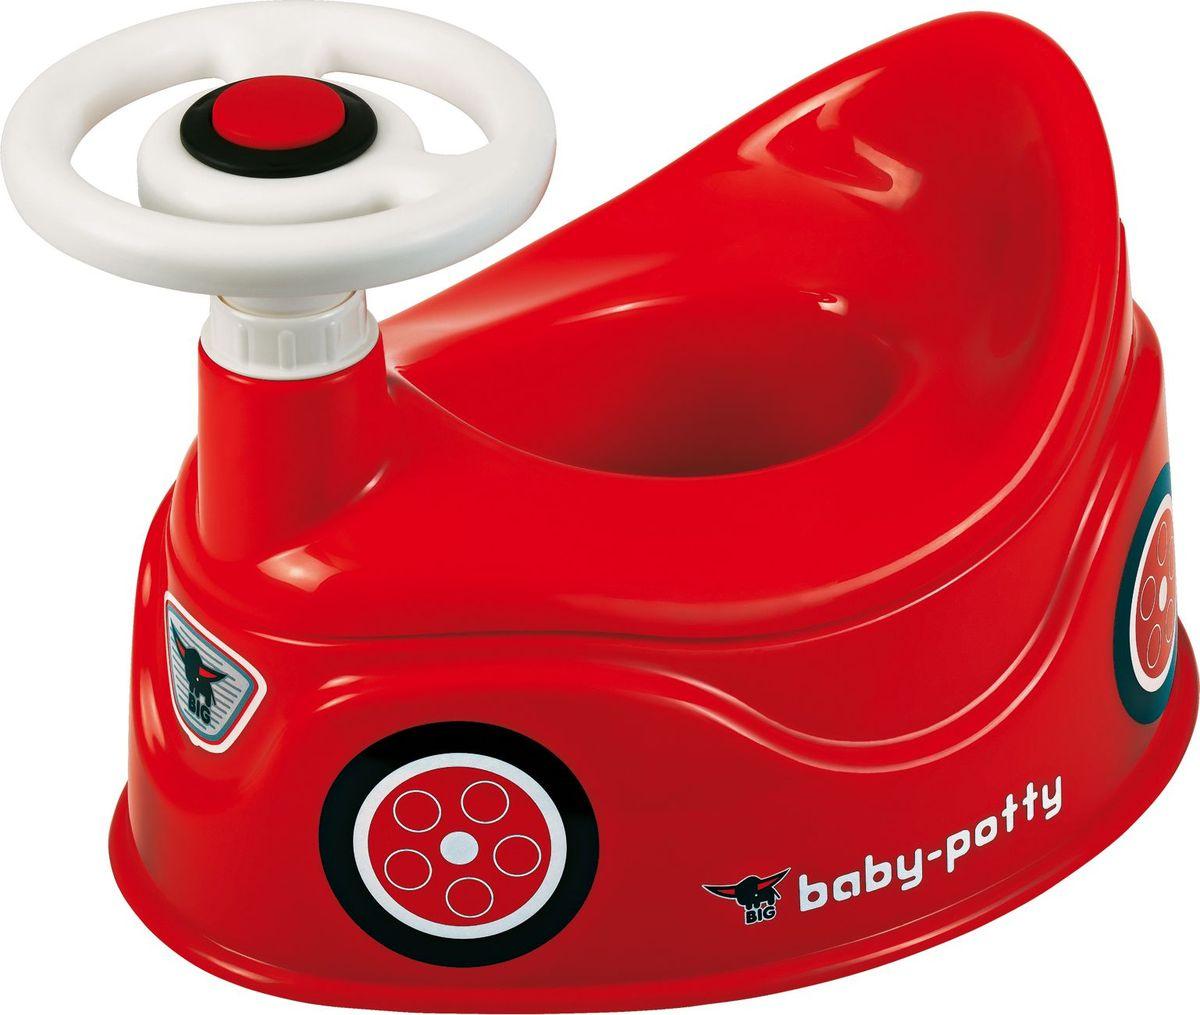 Детский анатомический туалетный горшок с рулём и сигналом, BIG, 56801  #1